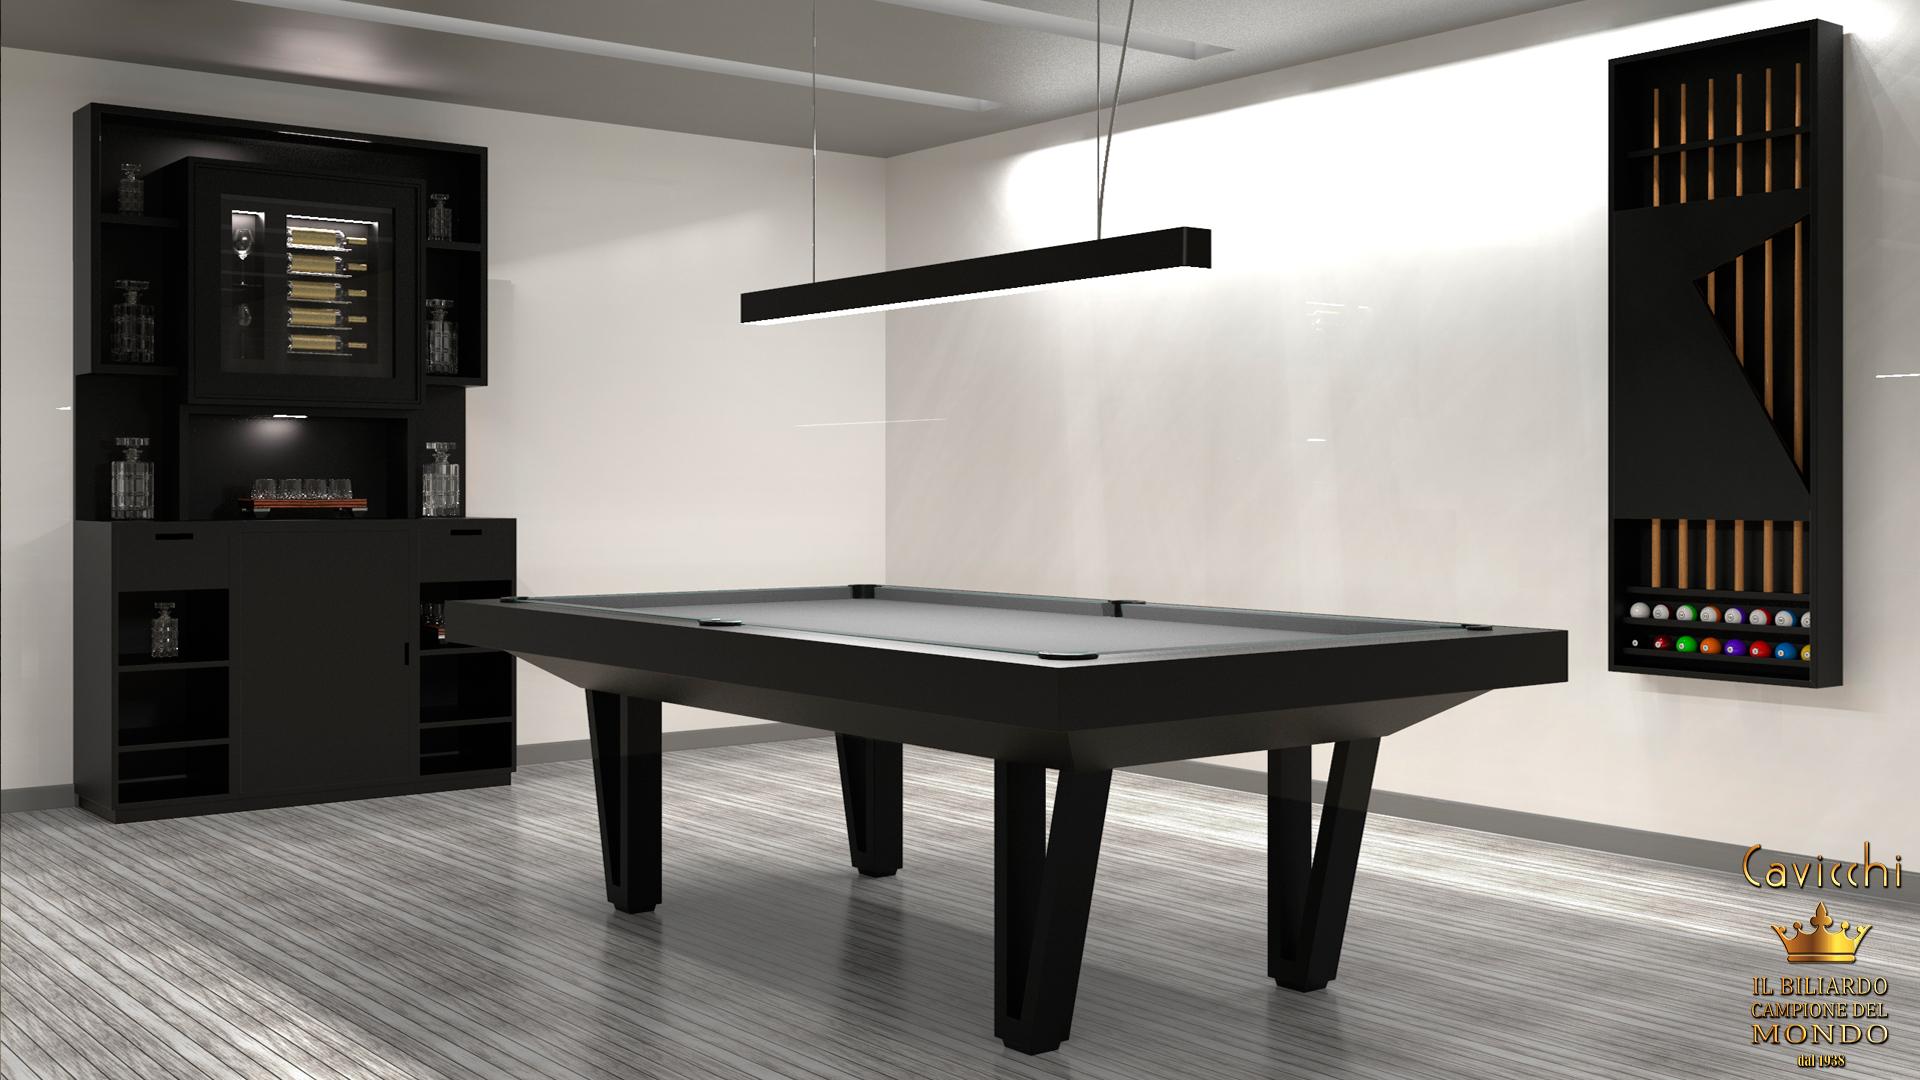 Biliardo Cayenne Two Laccato - showroom shop 4